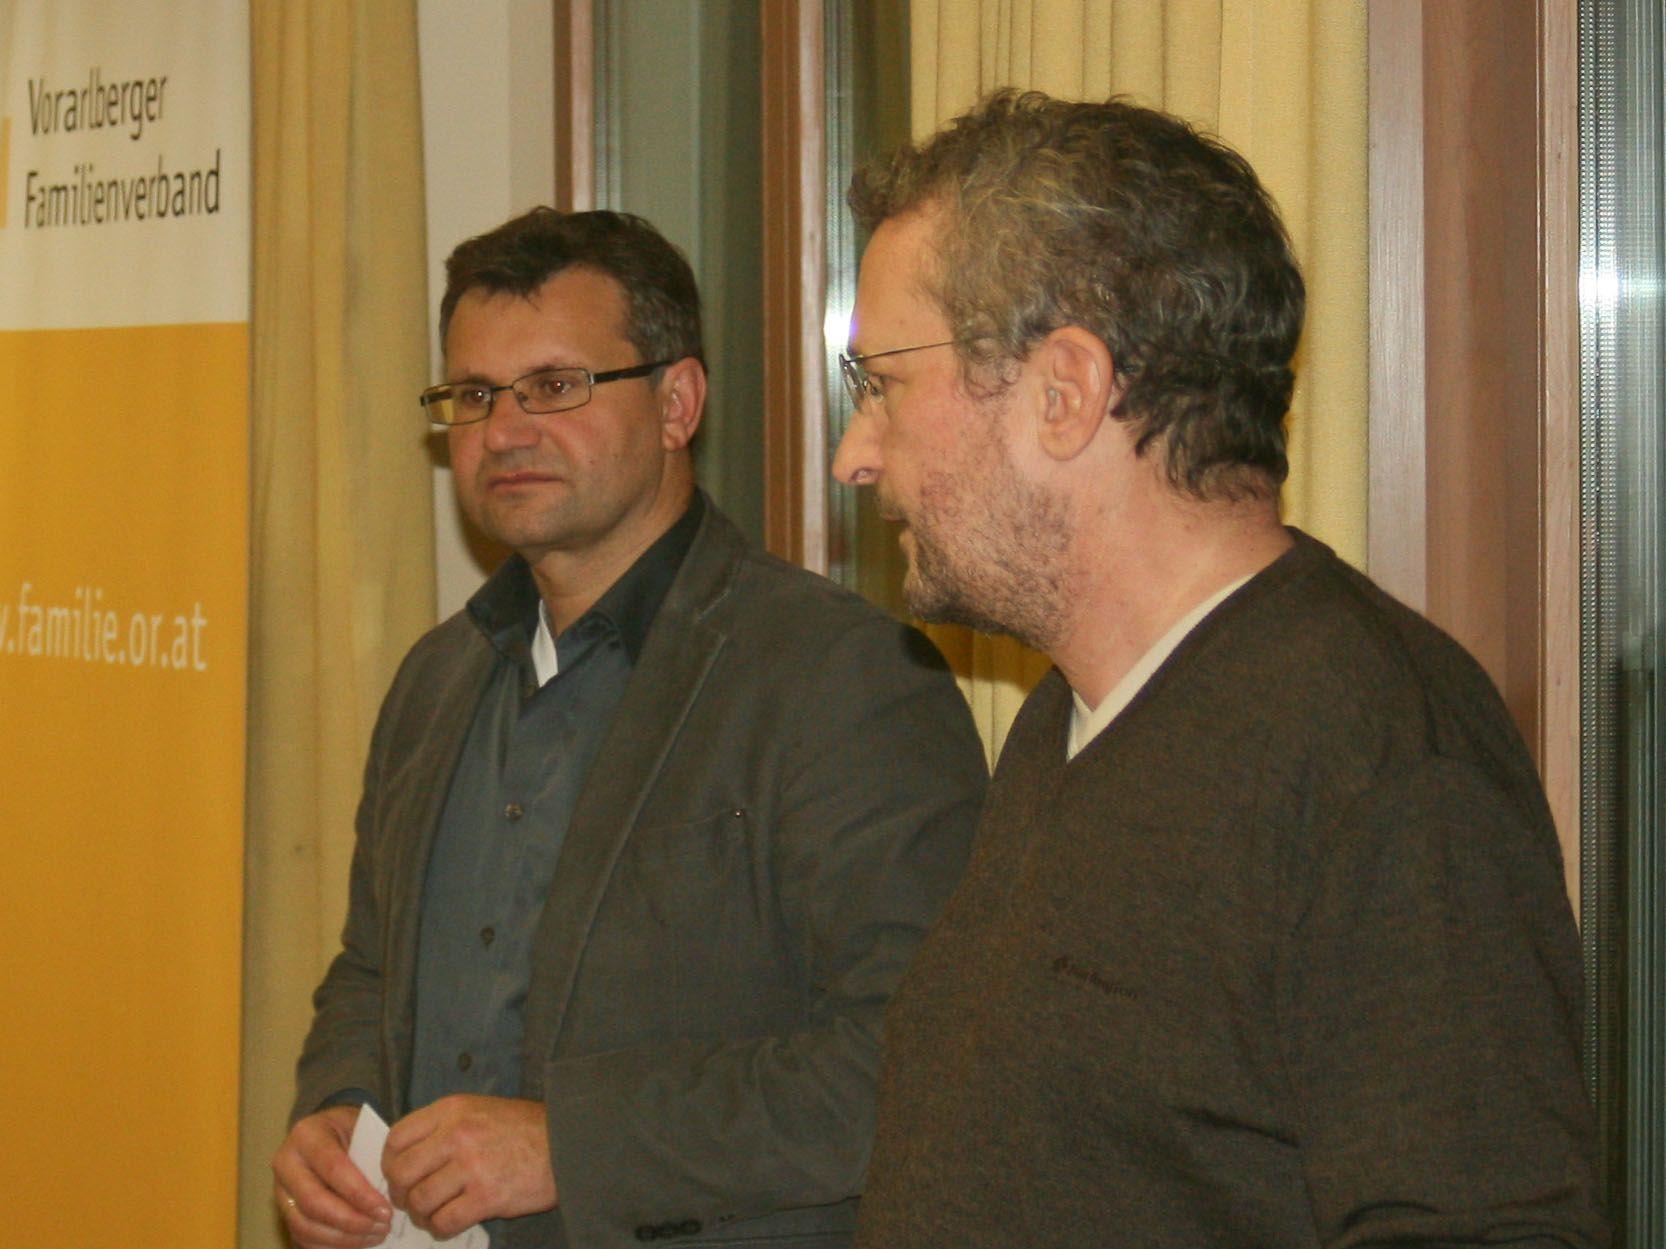 Christian Brunner, Leiter des Familienverbandes St. Anton i. M. und Dr. Markus Hofer